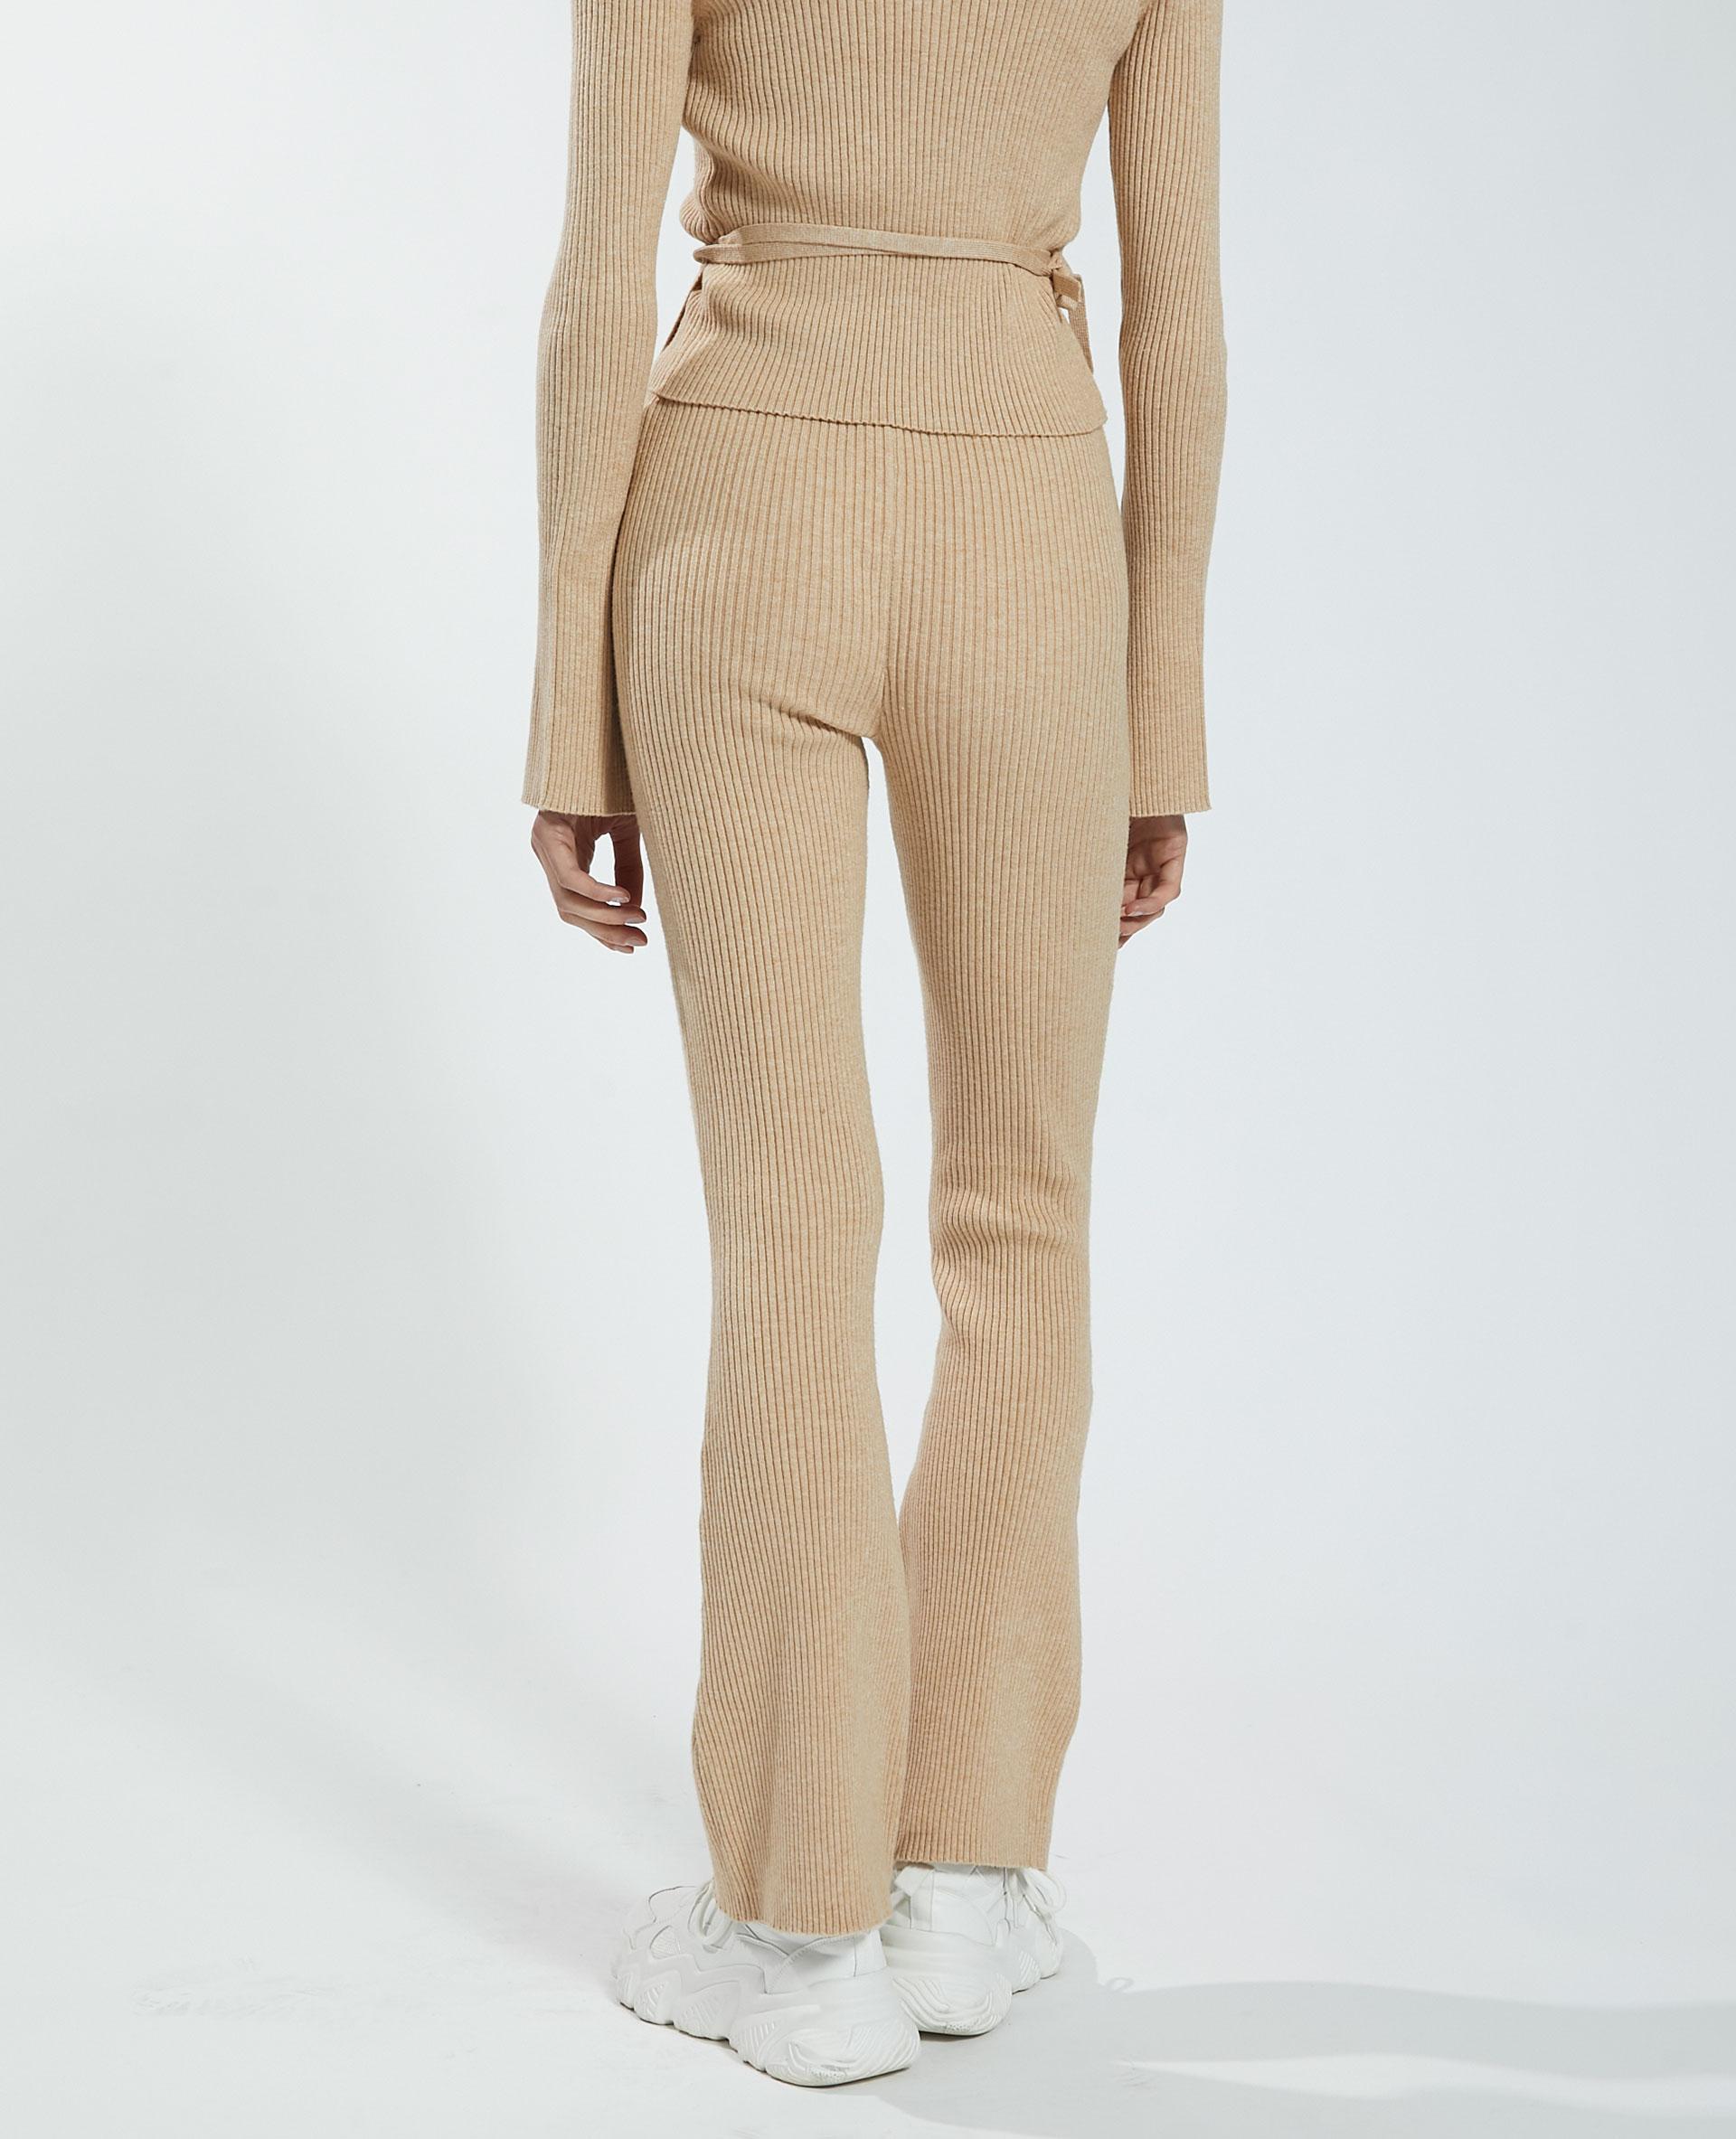 Pantalon flare côtelé beige - Pimkie